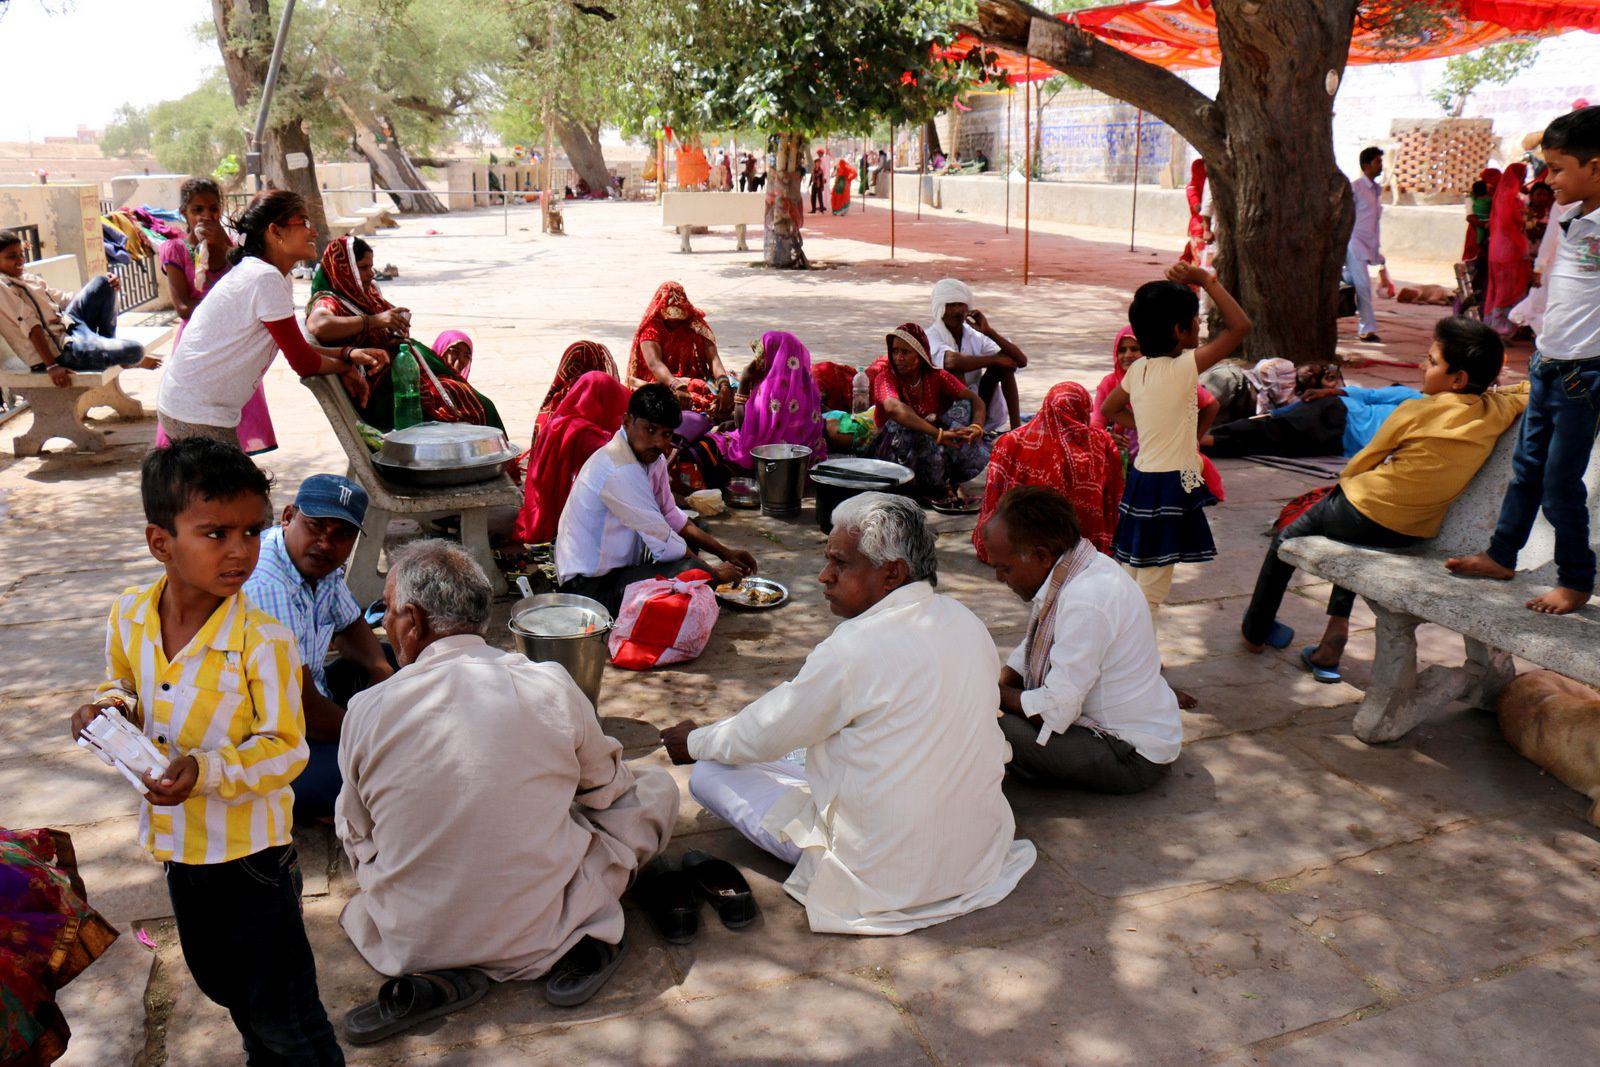 Lieu de culte sur la route entre Bikaner et Jaisalmer, Rajasthan (Inde)